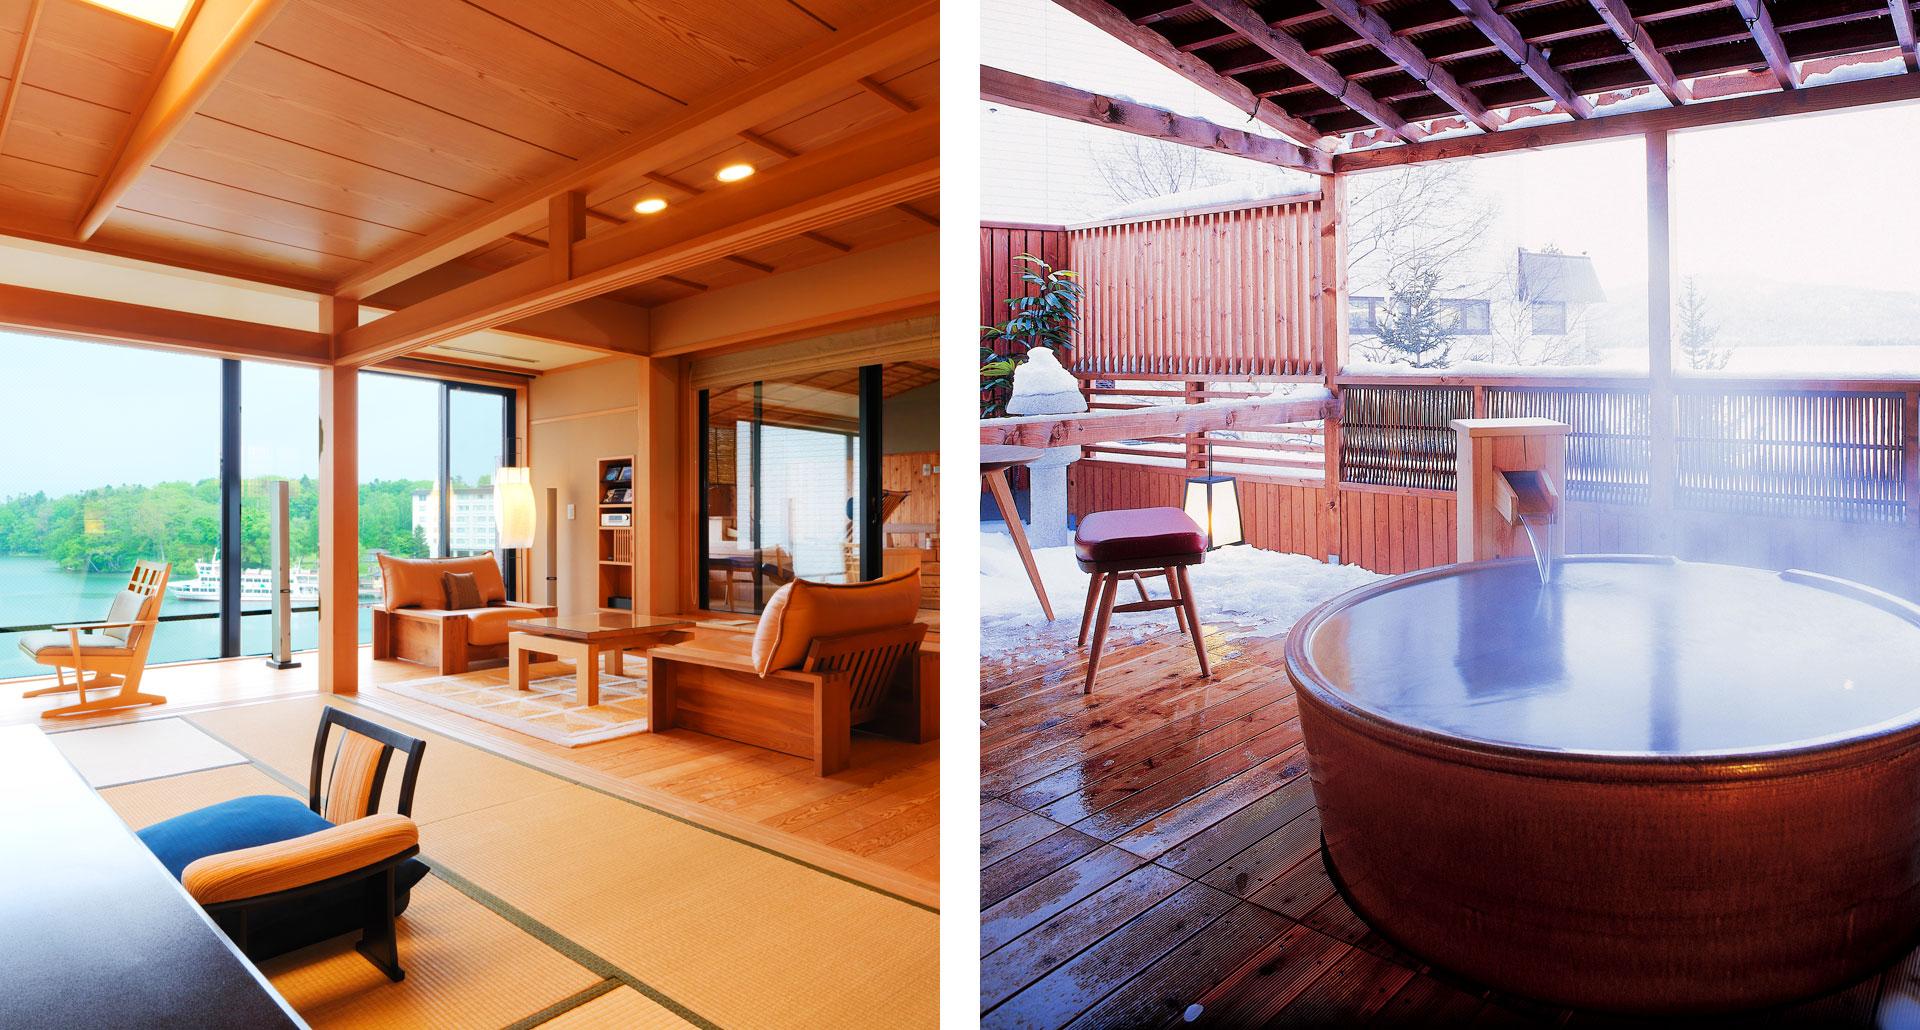 Hinanoza - boutique hotel in Lake Akan